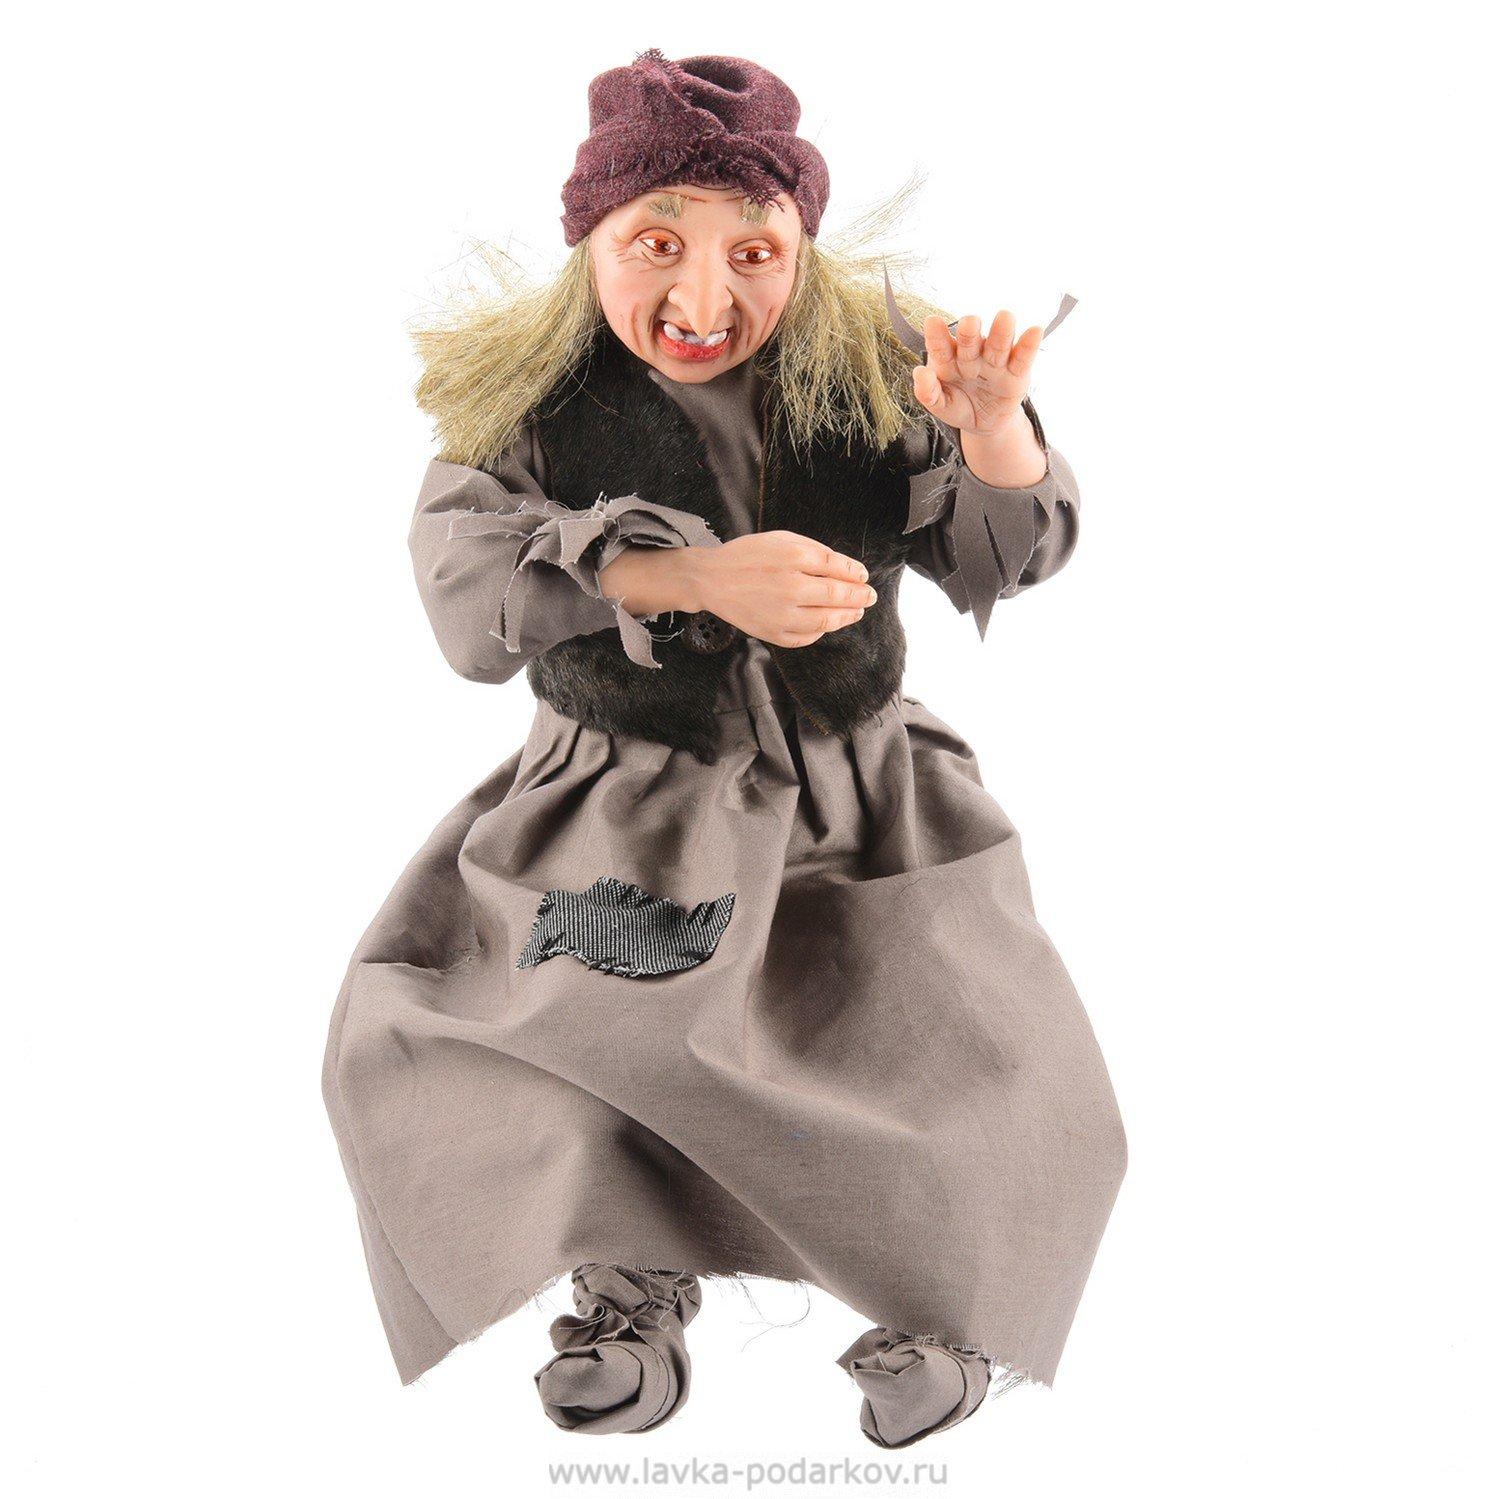 """Кукла из полимерной глины """"Баба Яга"""", арт. 800368728 ...: http://www.lavka-podarkov.ru/catalog/kukly_ruchnoy_raboti/eksklyuzivnye_kykly/38413/"""